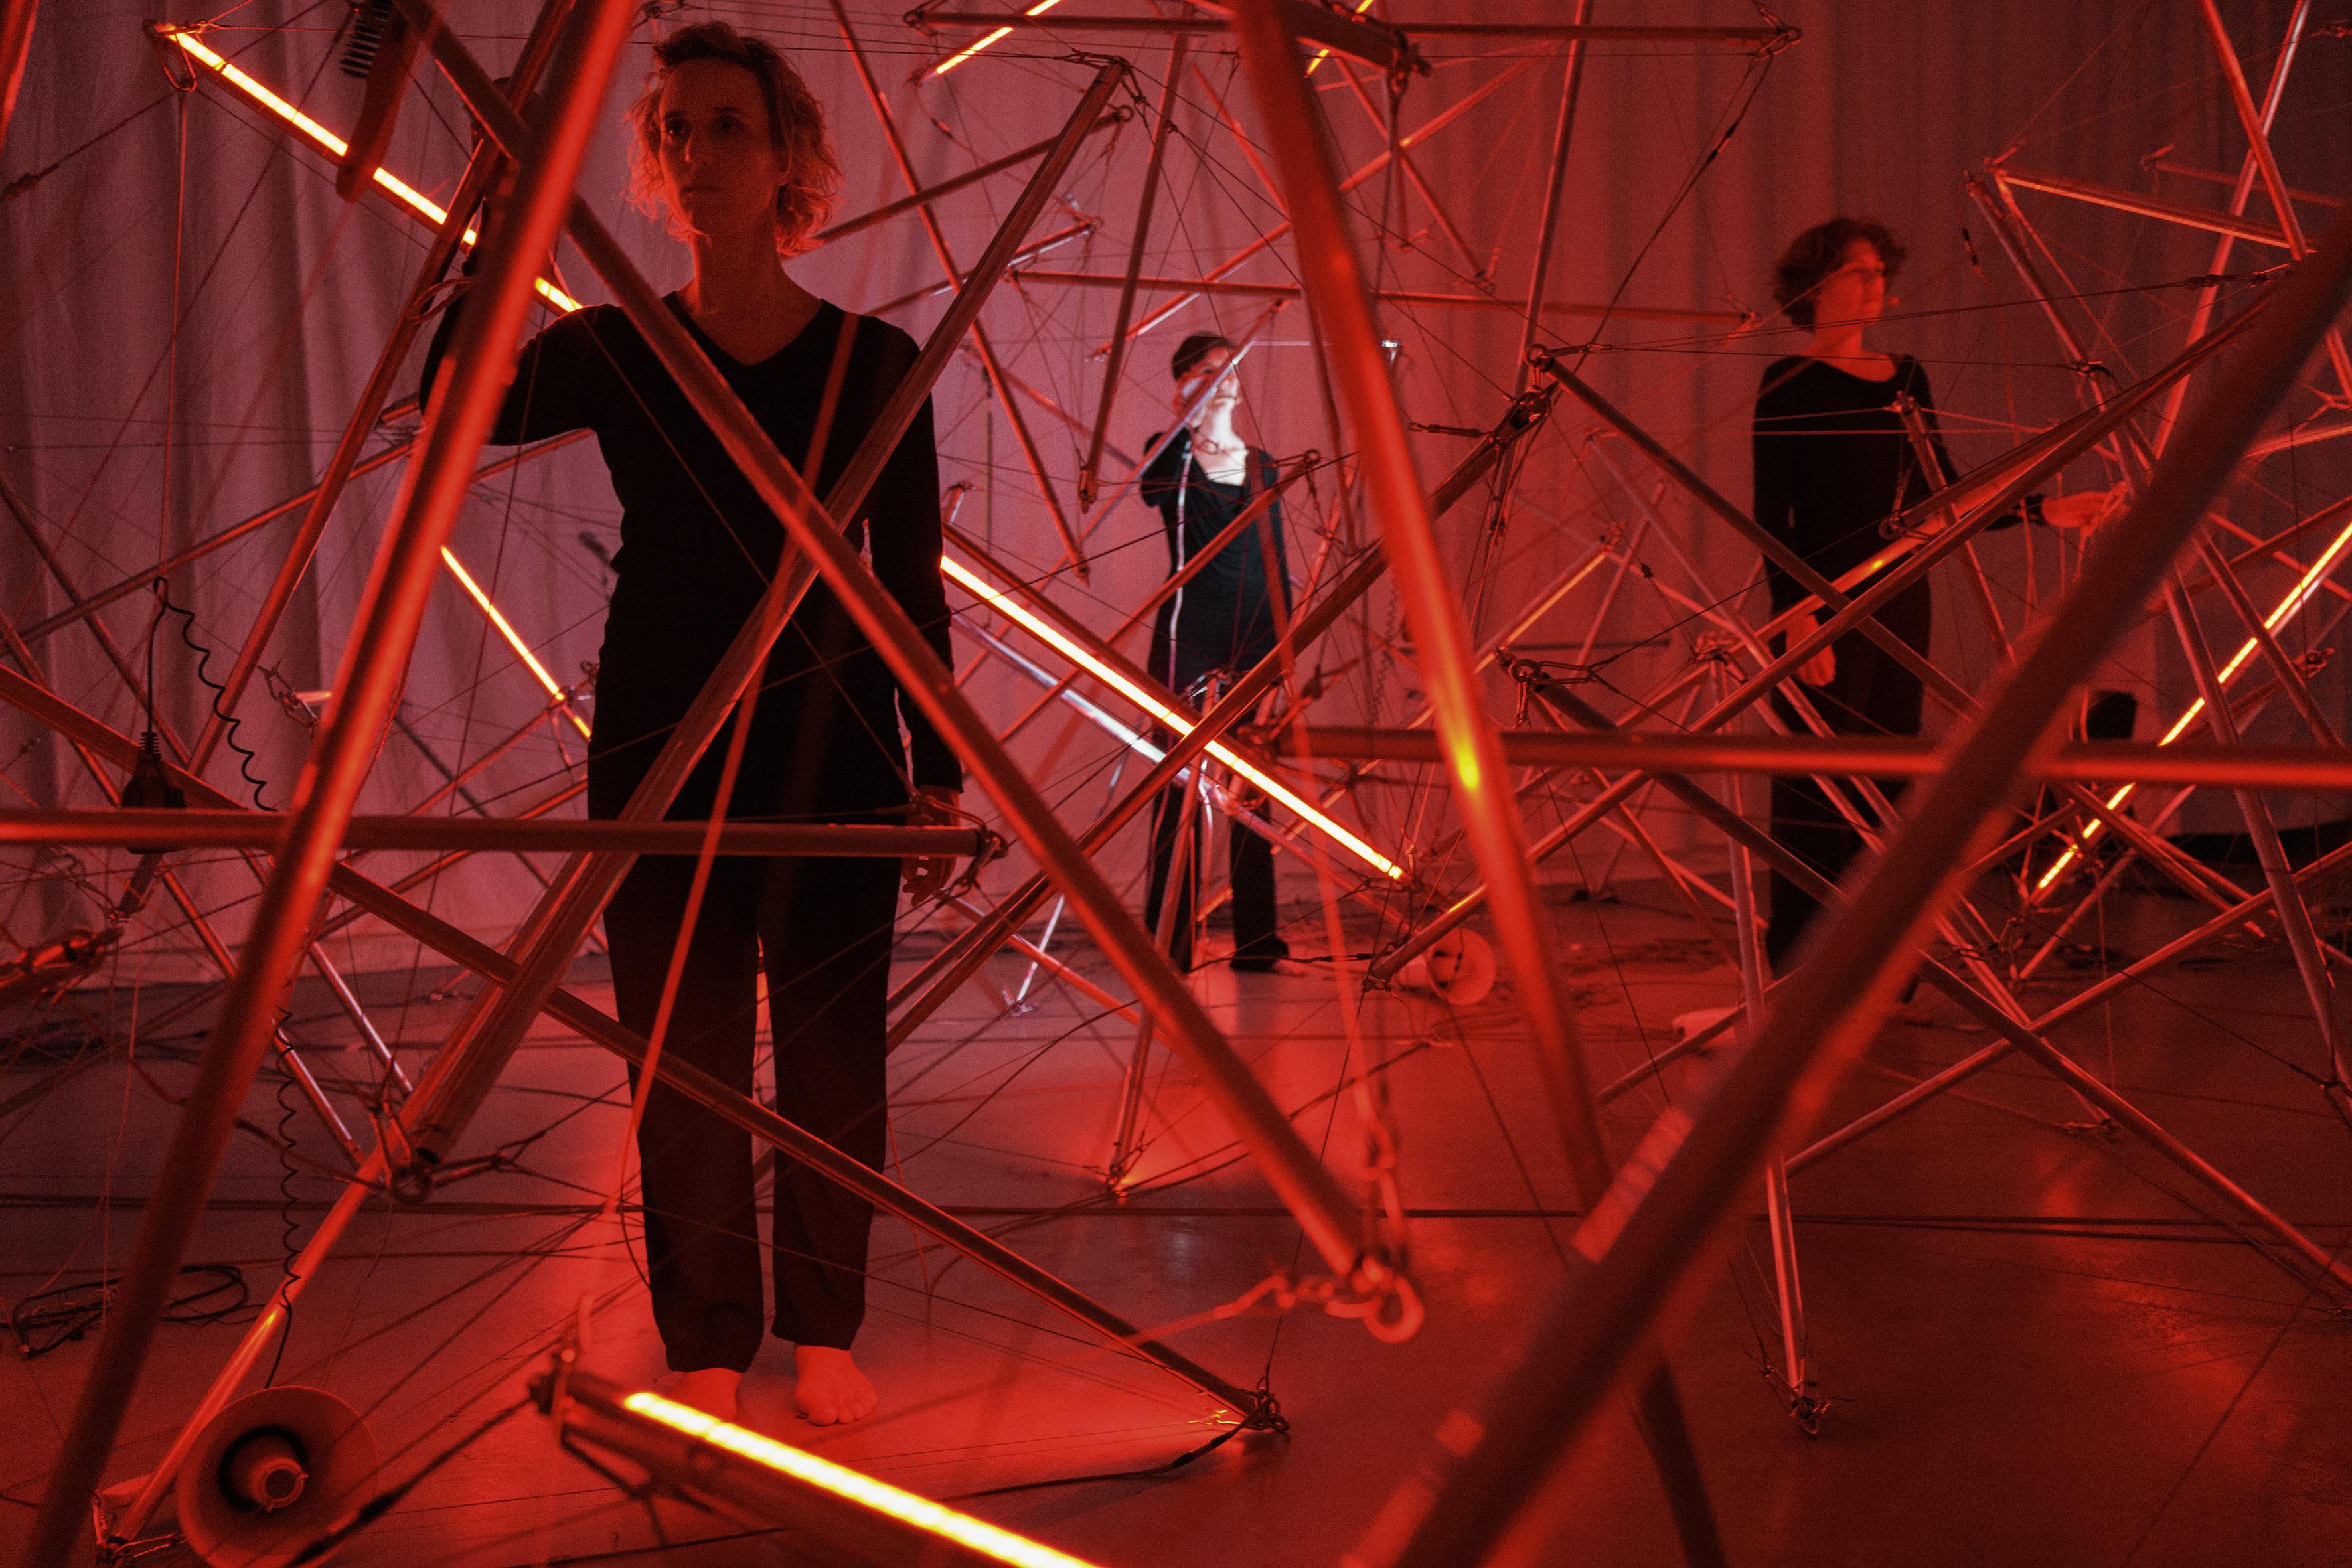 Münchener Biennale_Skull Ark_6_©smailovic